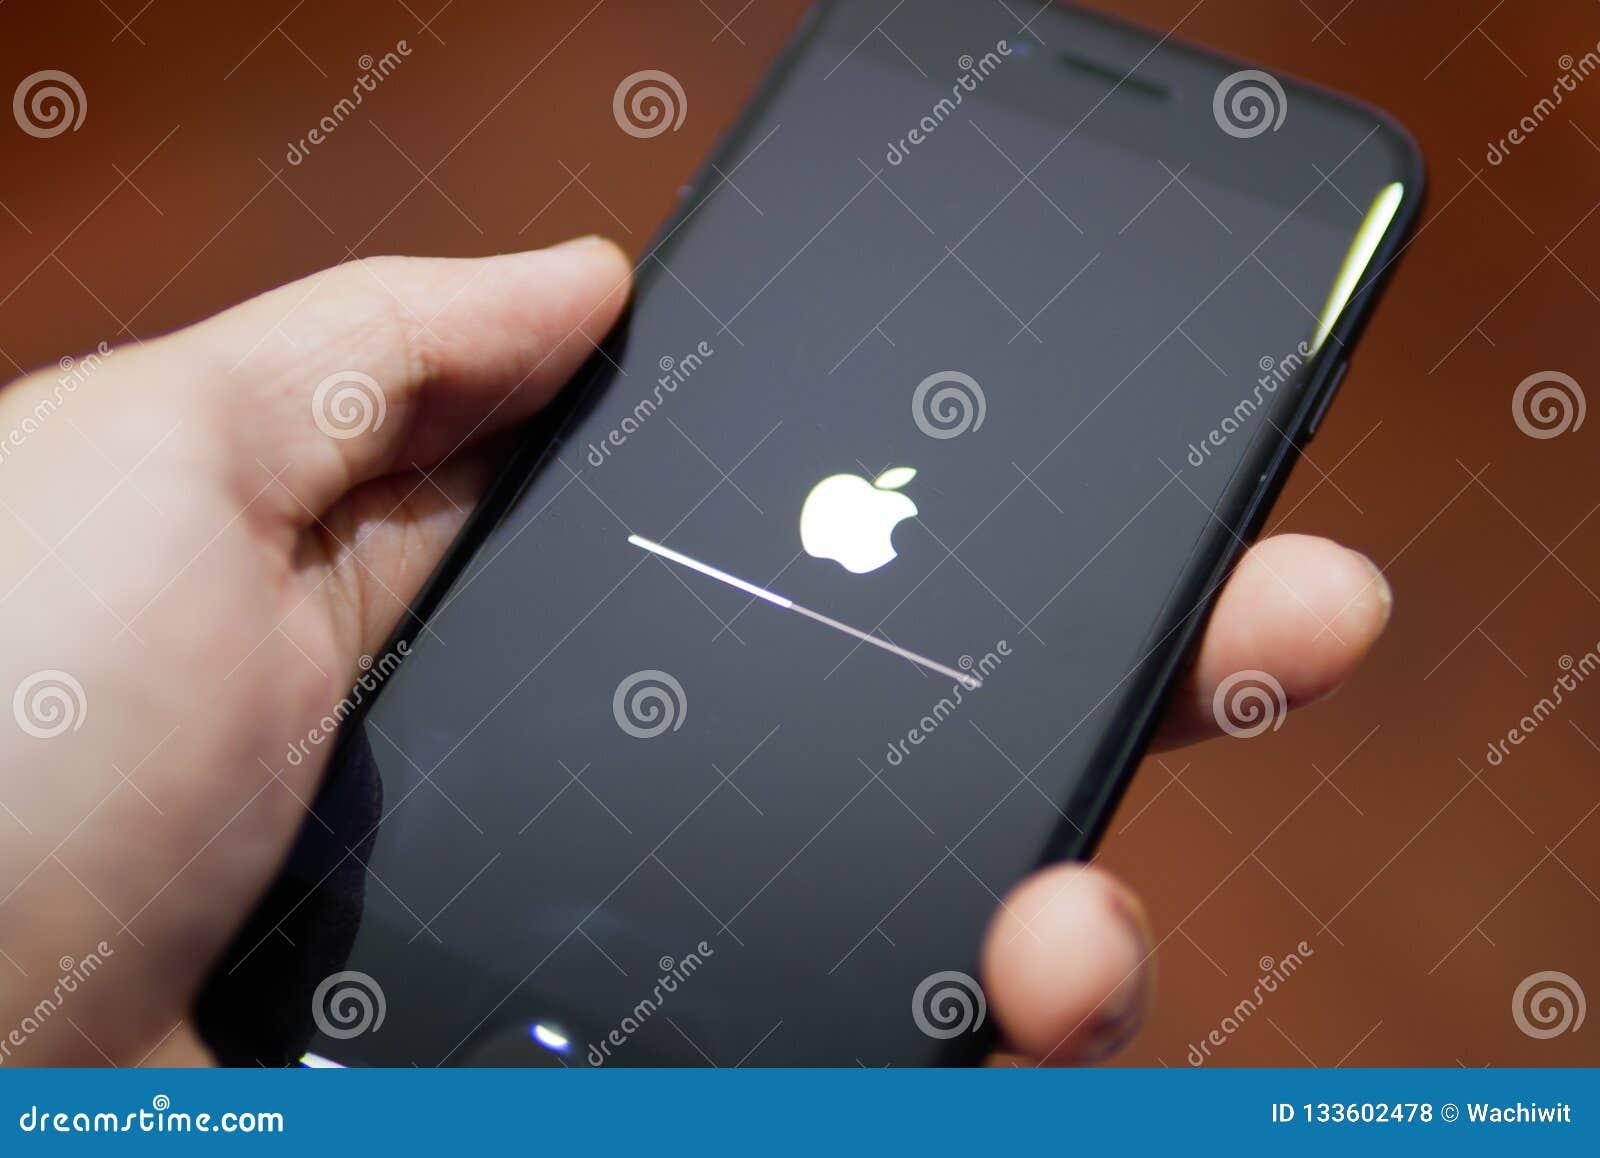 Apple iPhone 7 die het zijn scherm met Apple-embleem tonen wanneer het de software aan iOS 12 wordt bijgewerkt